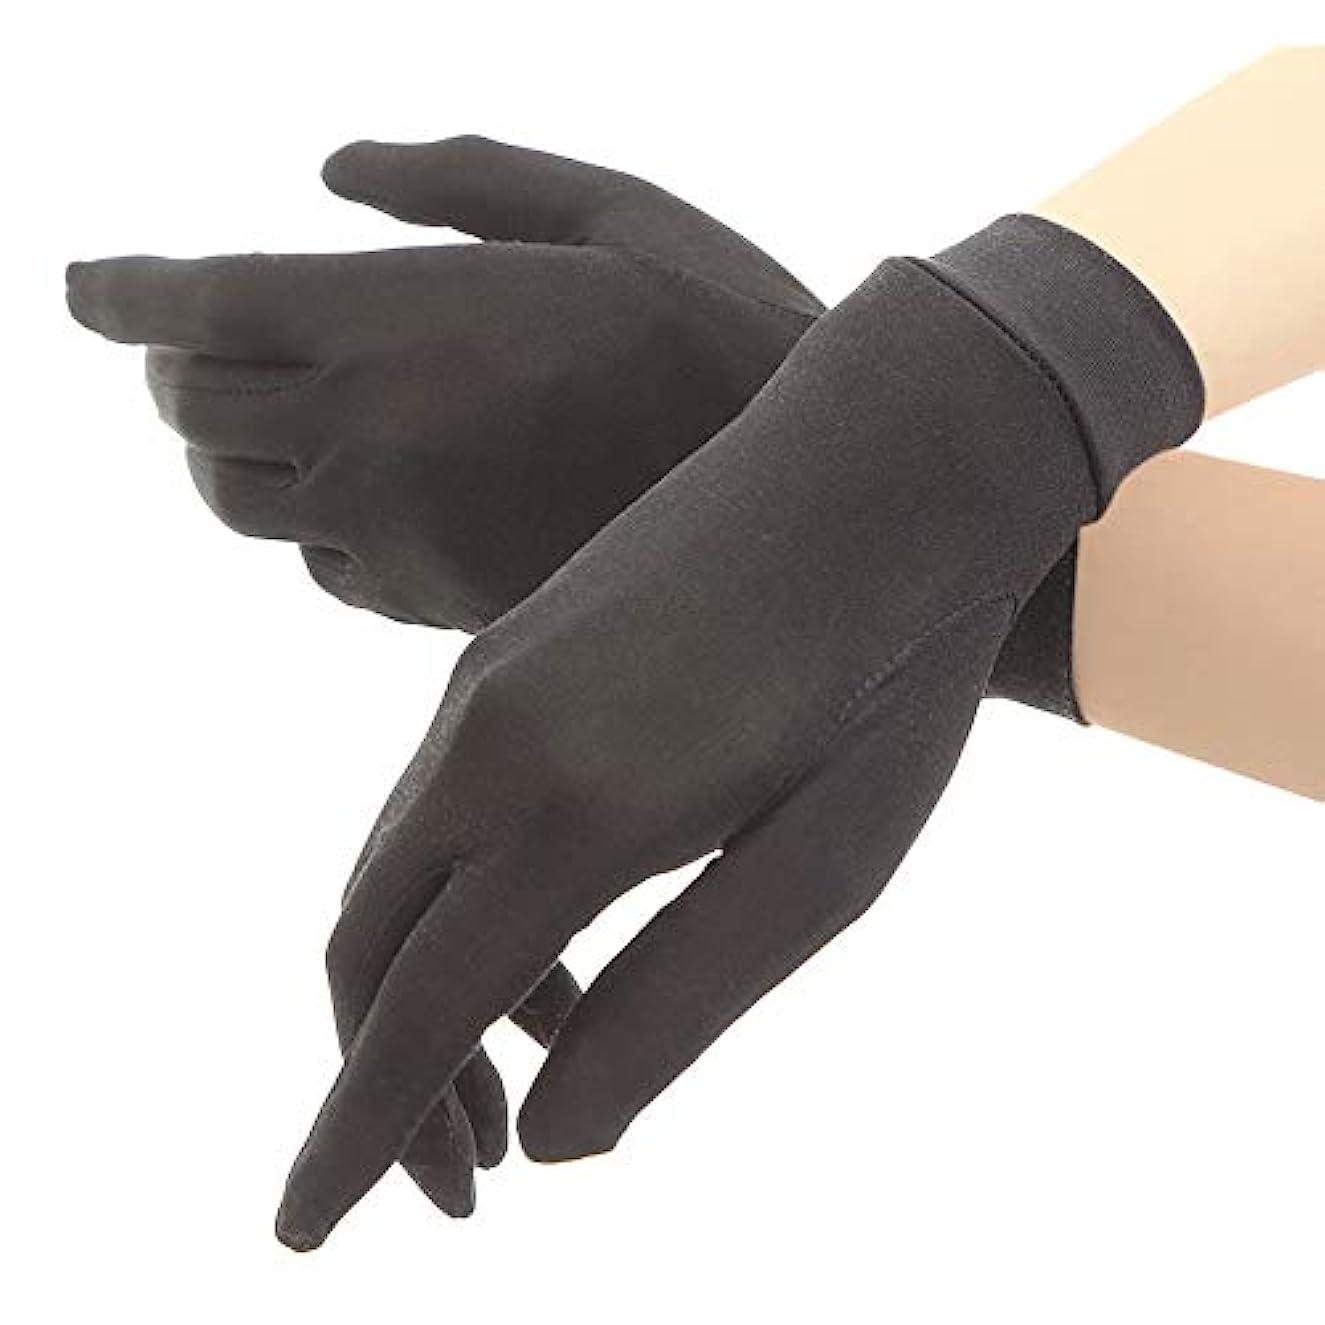 ペルセウスリズムまもなくシルク手袋 レディース 手袋 シルク 絹 ハンド ケア 保湿 紫外線 肌荒れ 乾燥 サイズアップで手指にマッチ 【macch】